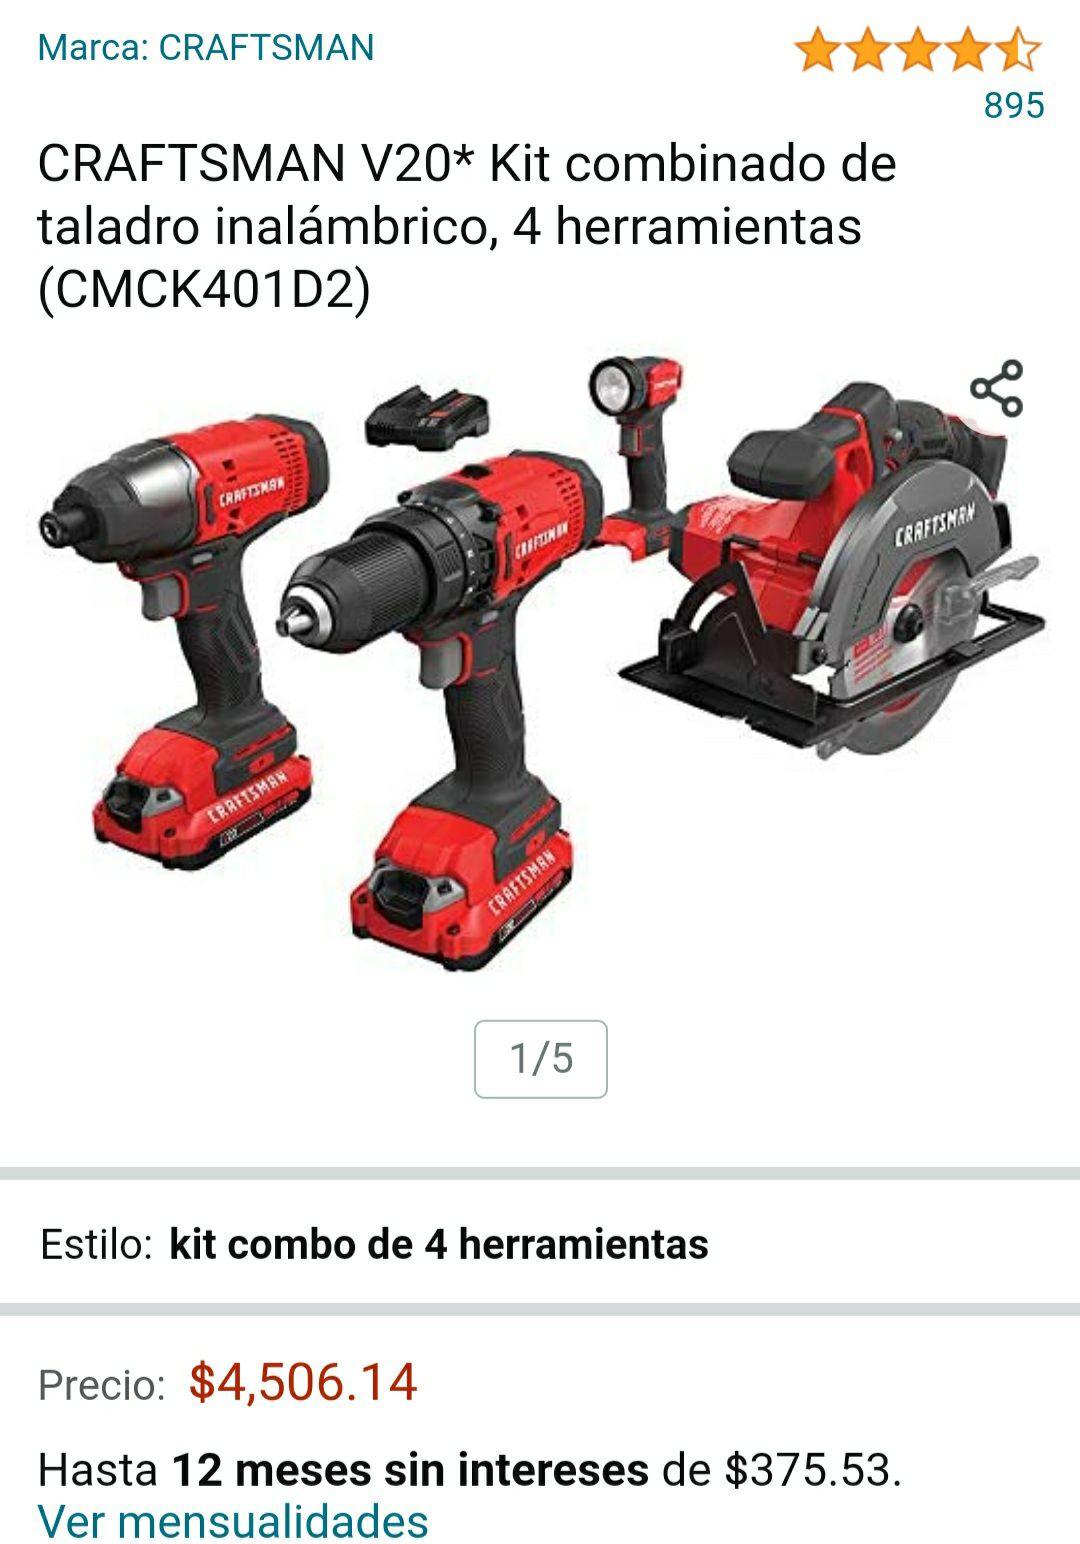 Amazon: CRAFTSMAN V20* Kit combinado de taladro inalámbrico, 4 herramientas (CMCK401D2)